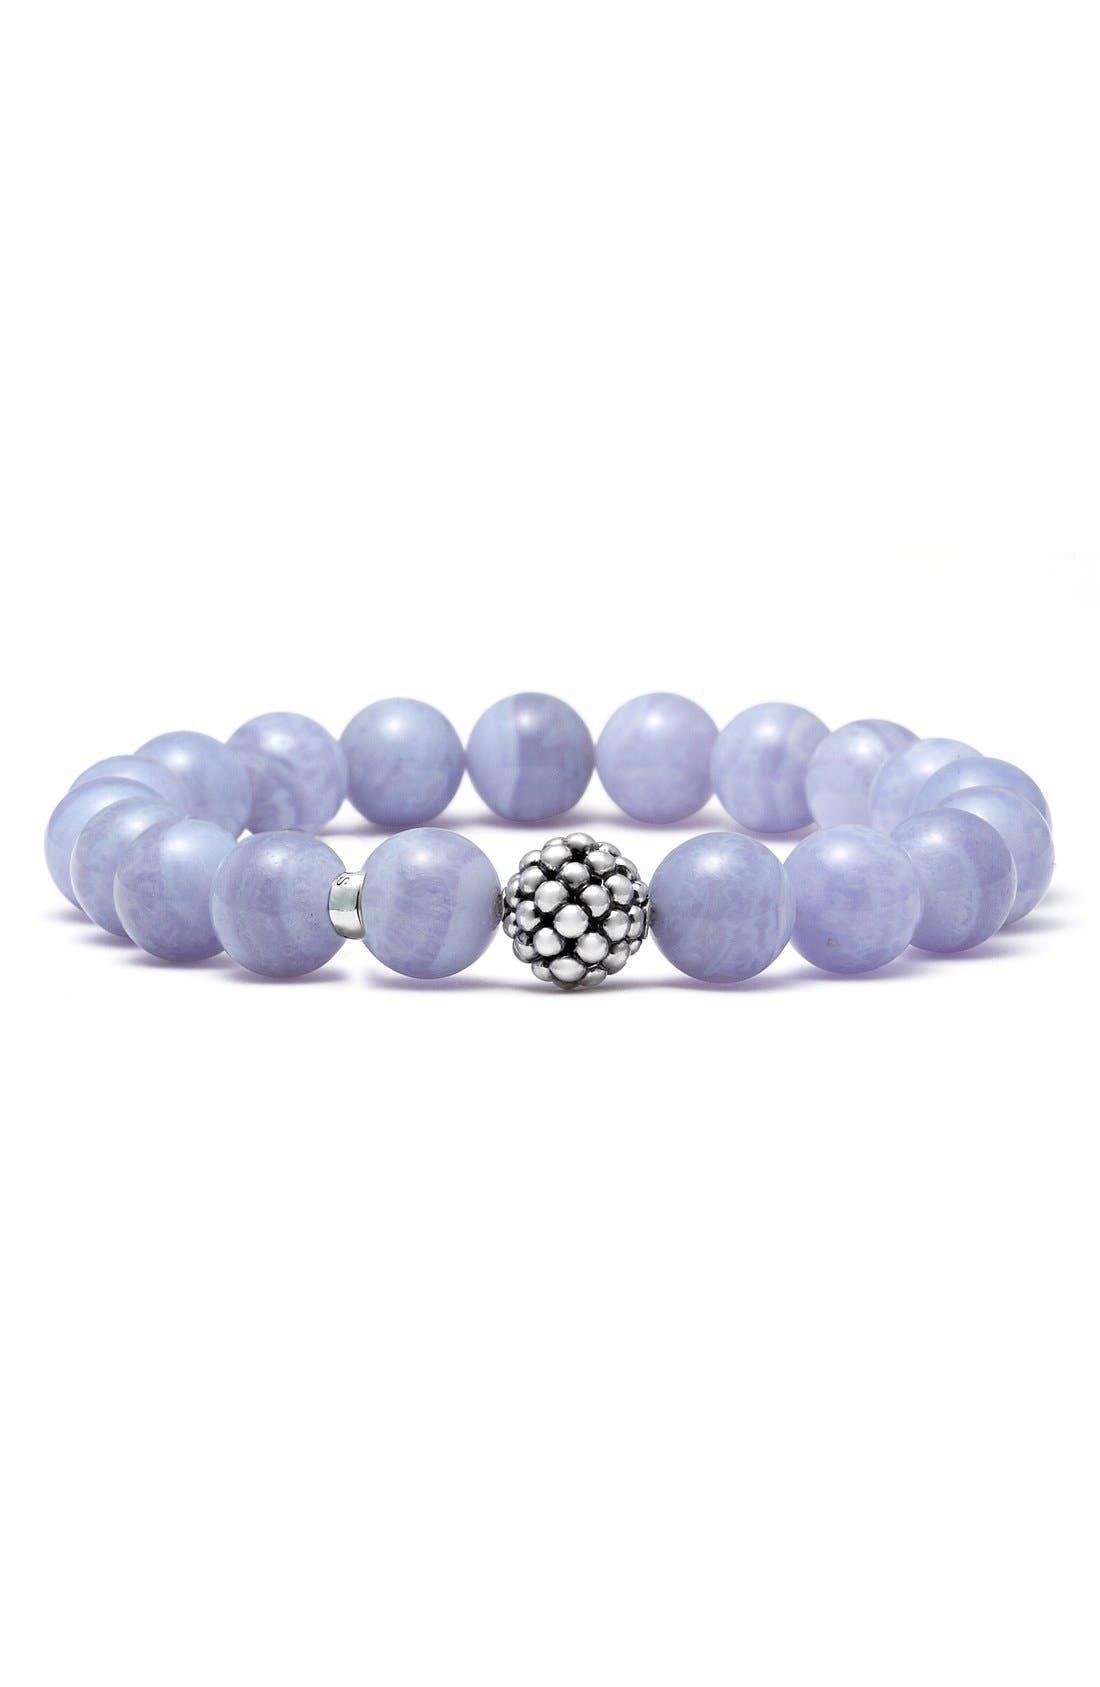 LAGOS, Bead Stretch Bracelet, Main thumbnail 1, color, BLUE LACE AGATE